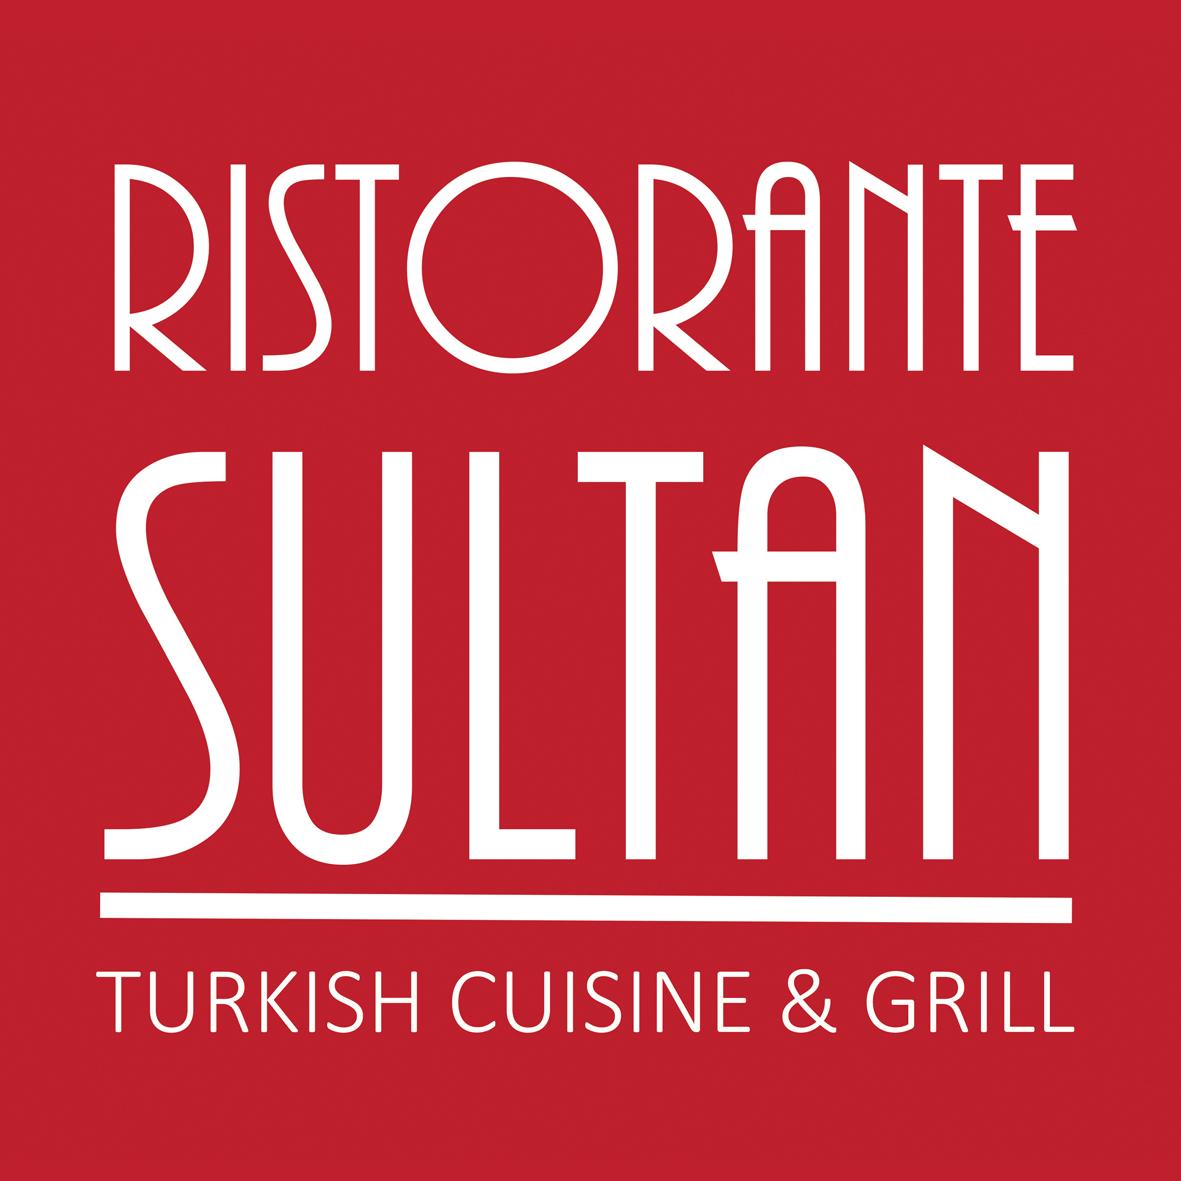 Ristorante Sultan